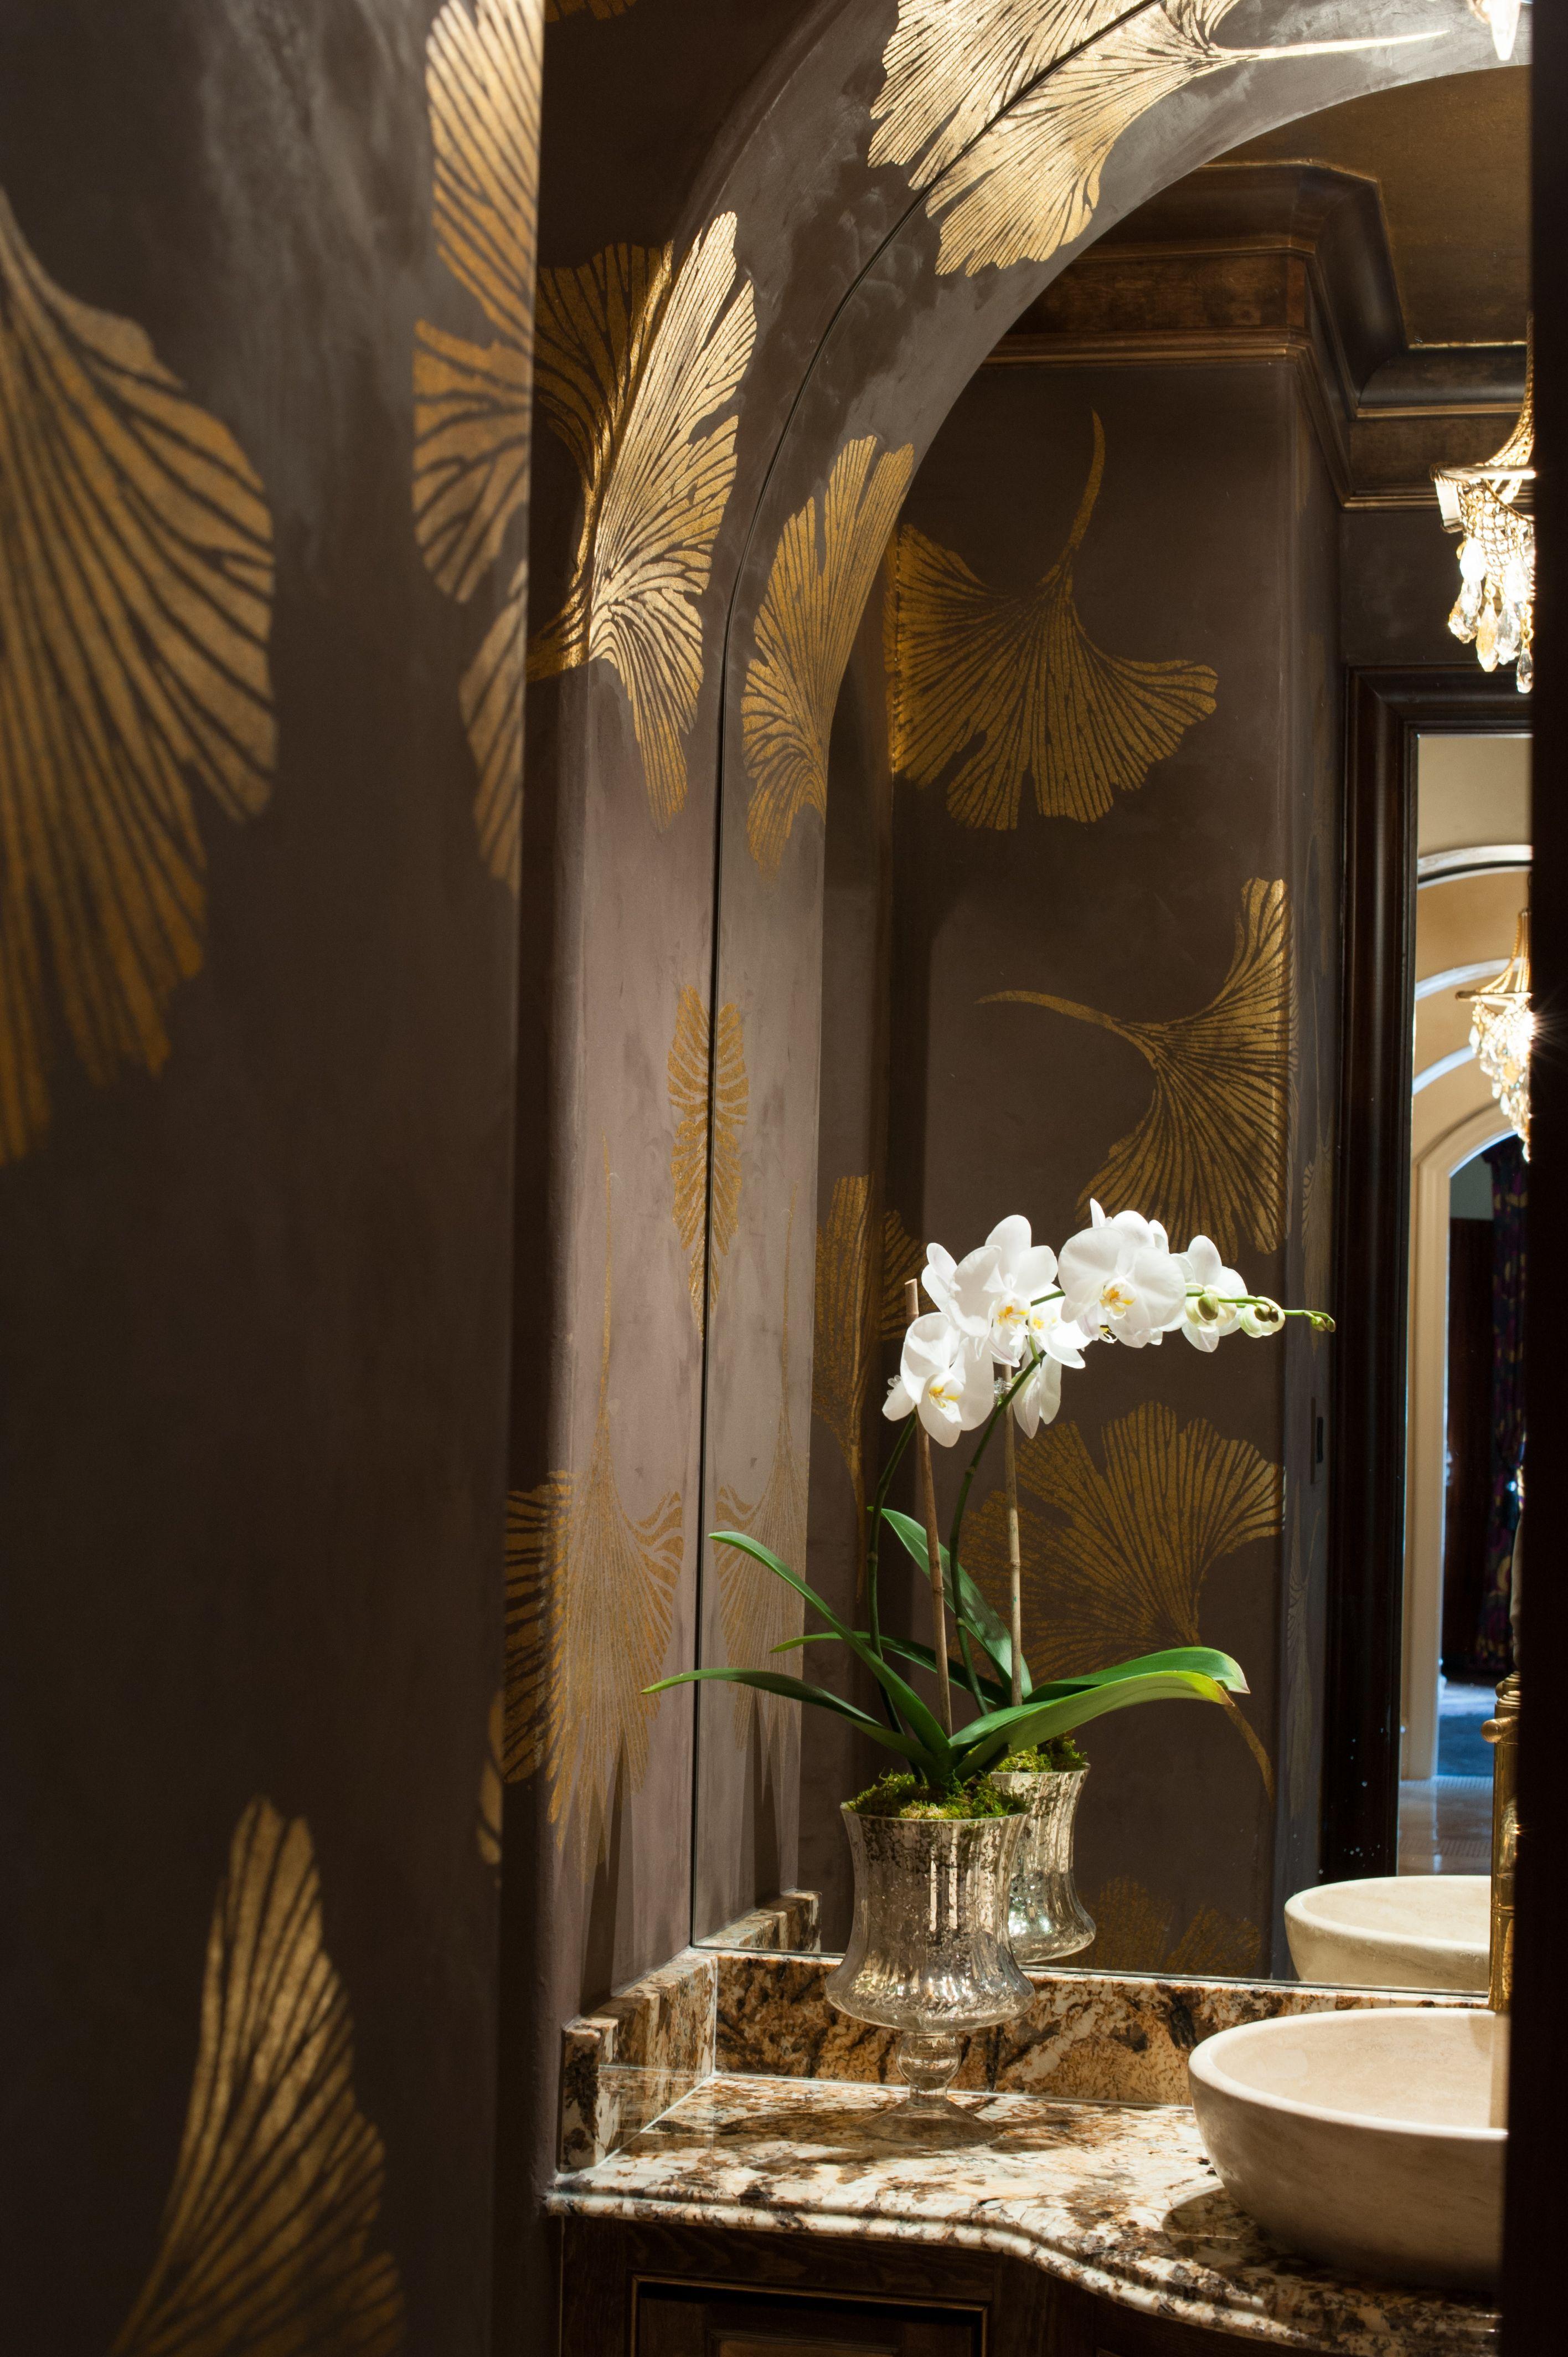 Powder Bath Gold leaf Ginko Leaves Powder room wallpaper